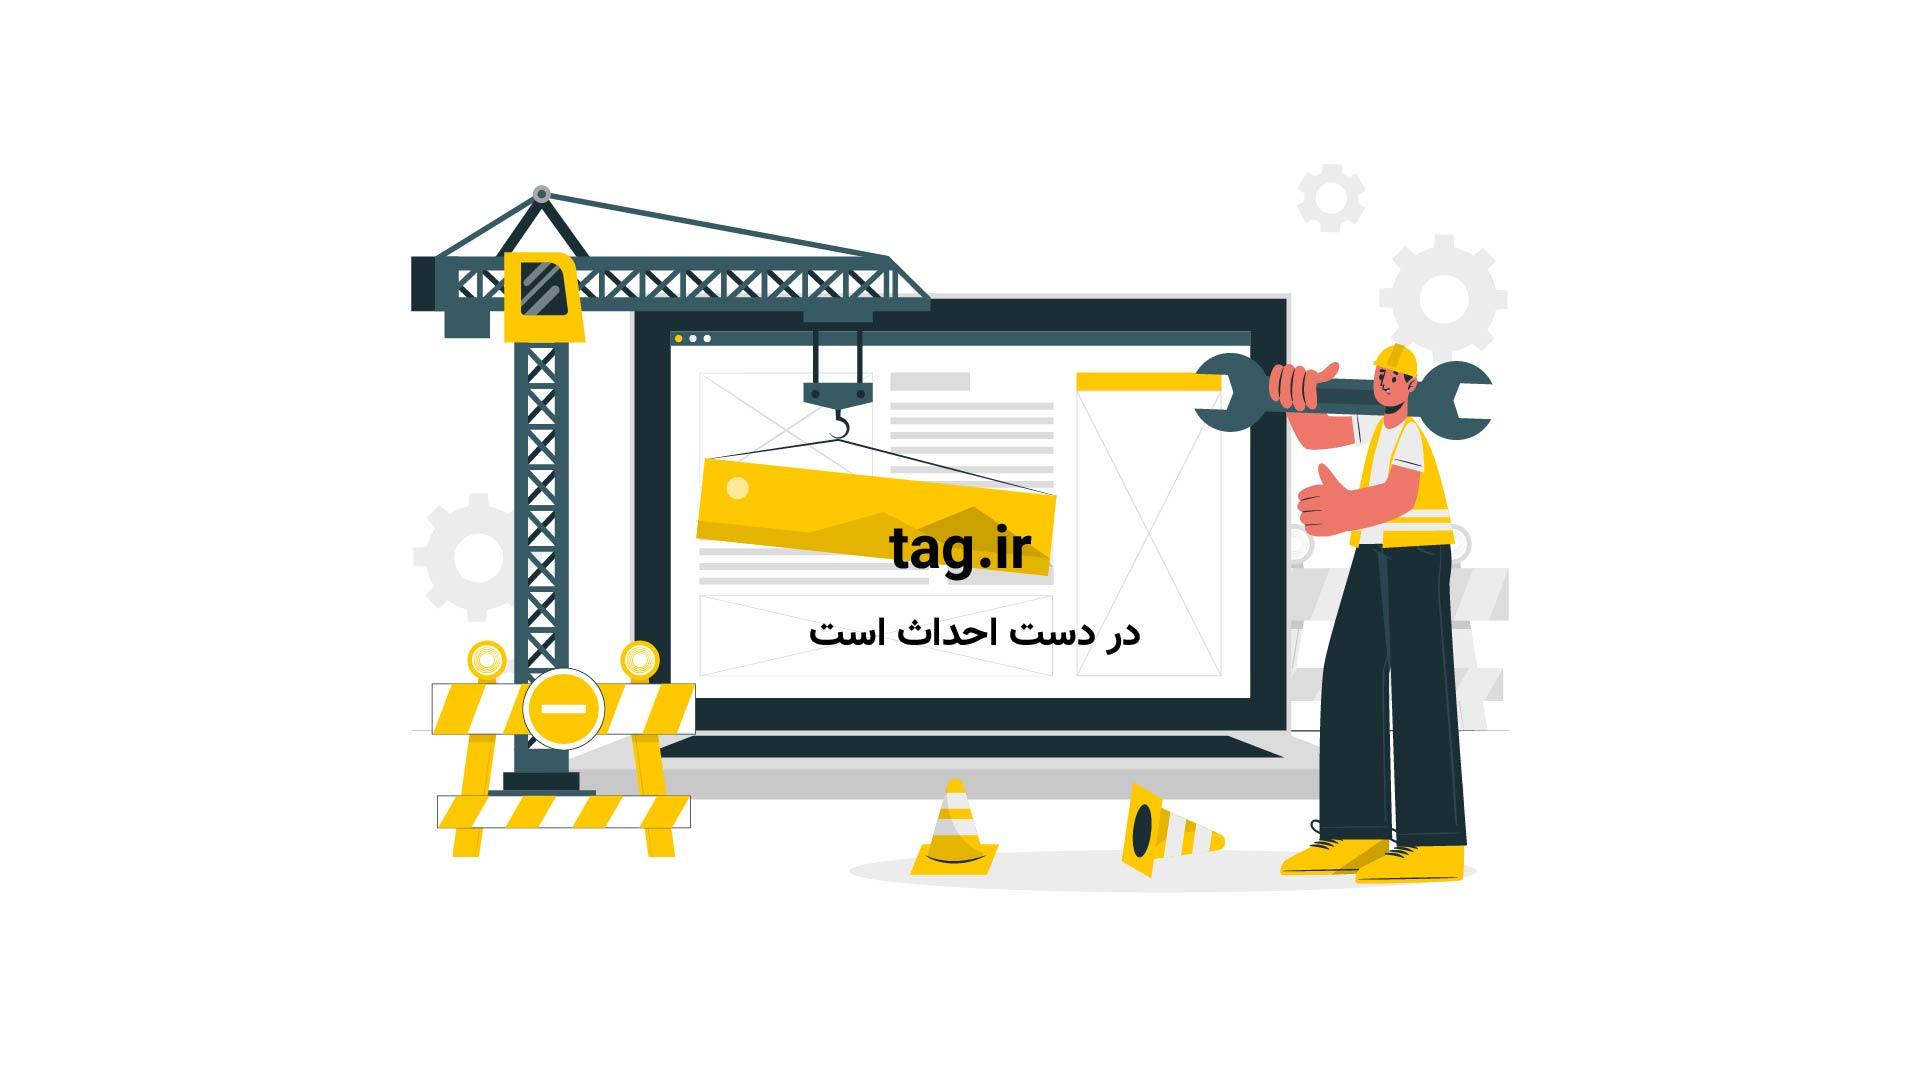 برگزاری نماز عید سعید قربان در سراسر ایران | فیلم